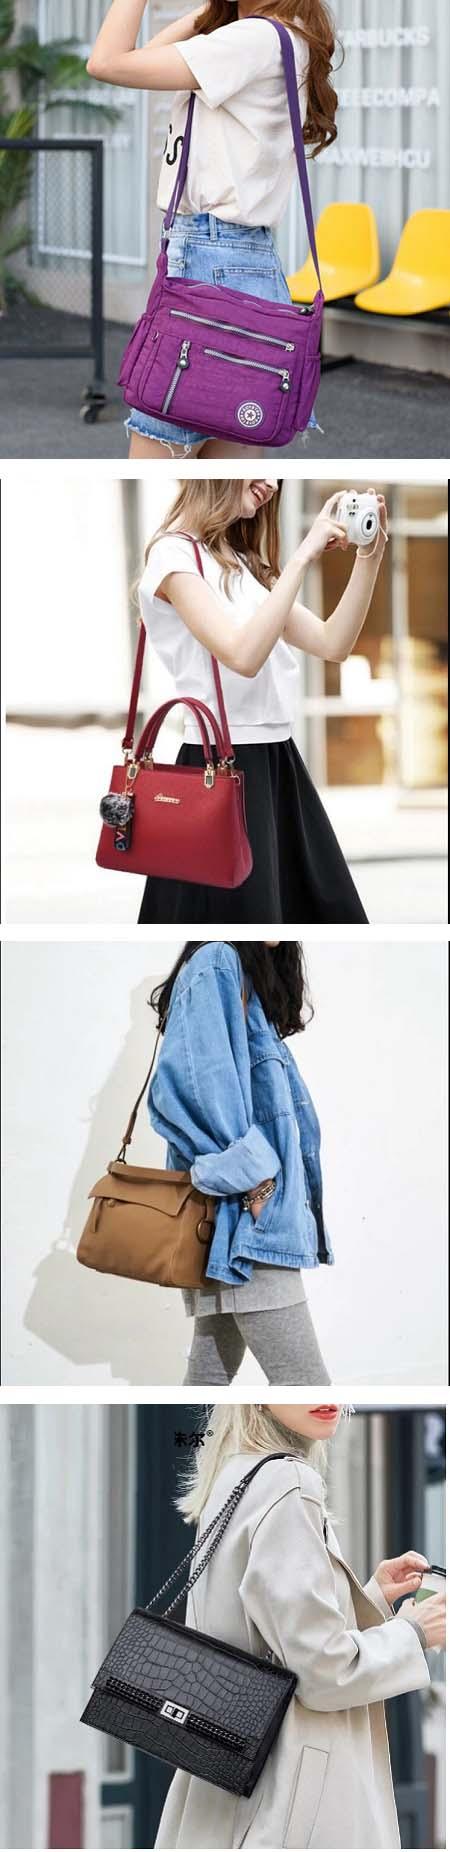 کیف دوشی زنانه, کیف دوشی زنانه چرمی, کیف دوشی زنانه مدل سرخپوستی